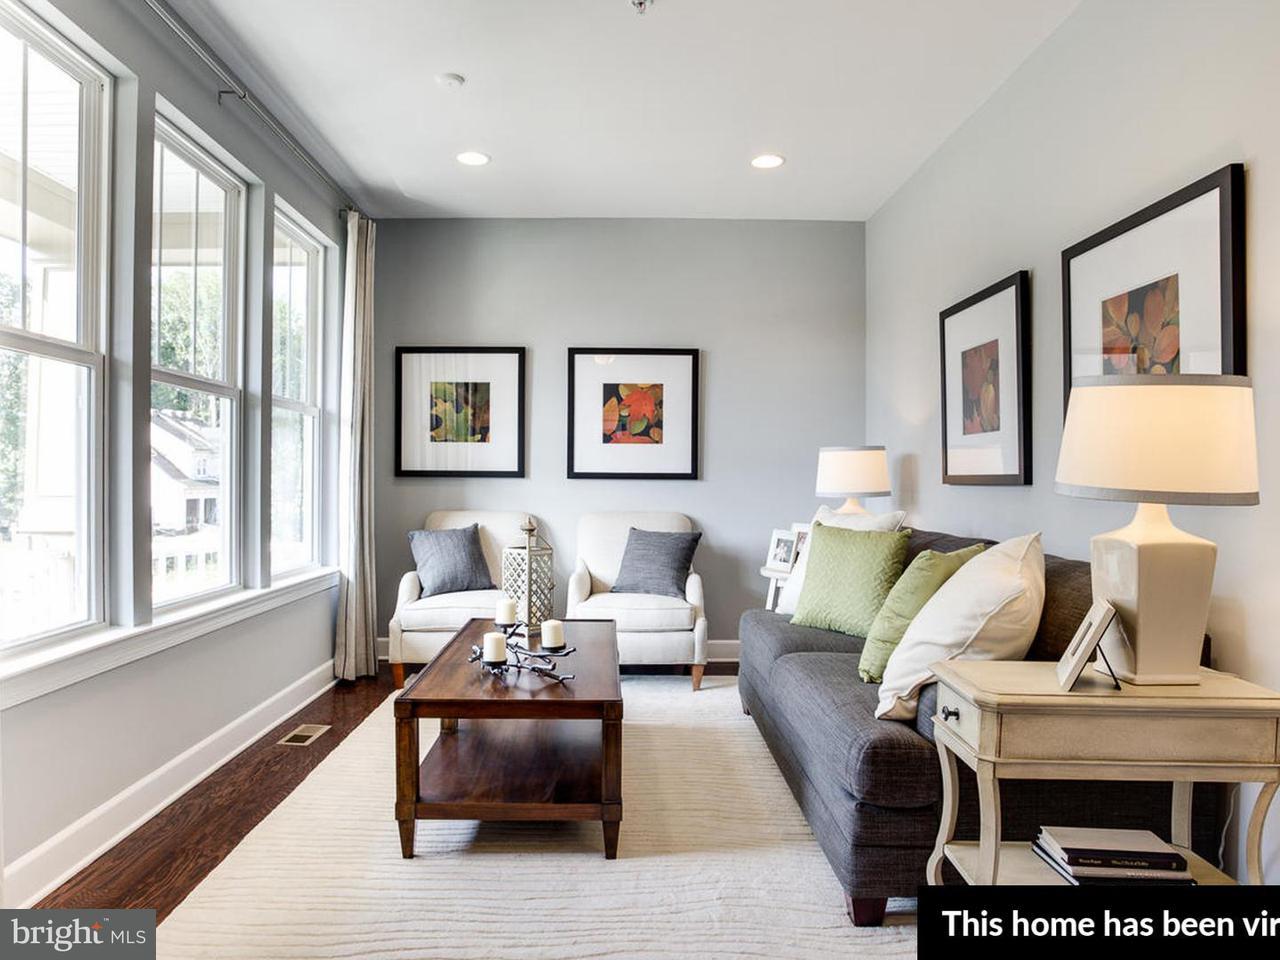 Частный односемейный дом для того Продажа на 23452 LILLIFLORA Drive 23452 LILLIFLORA Drive California, Мэриленд 20619 Соединенные Штаты